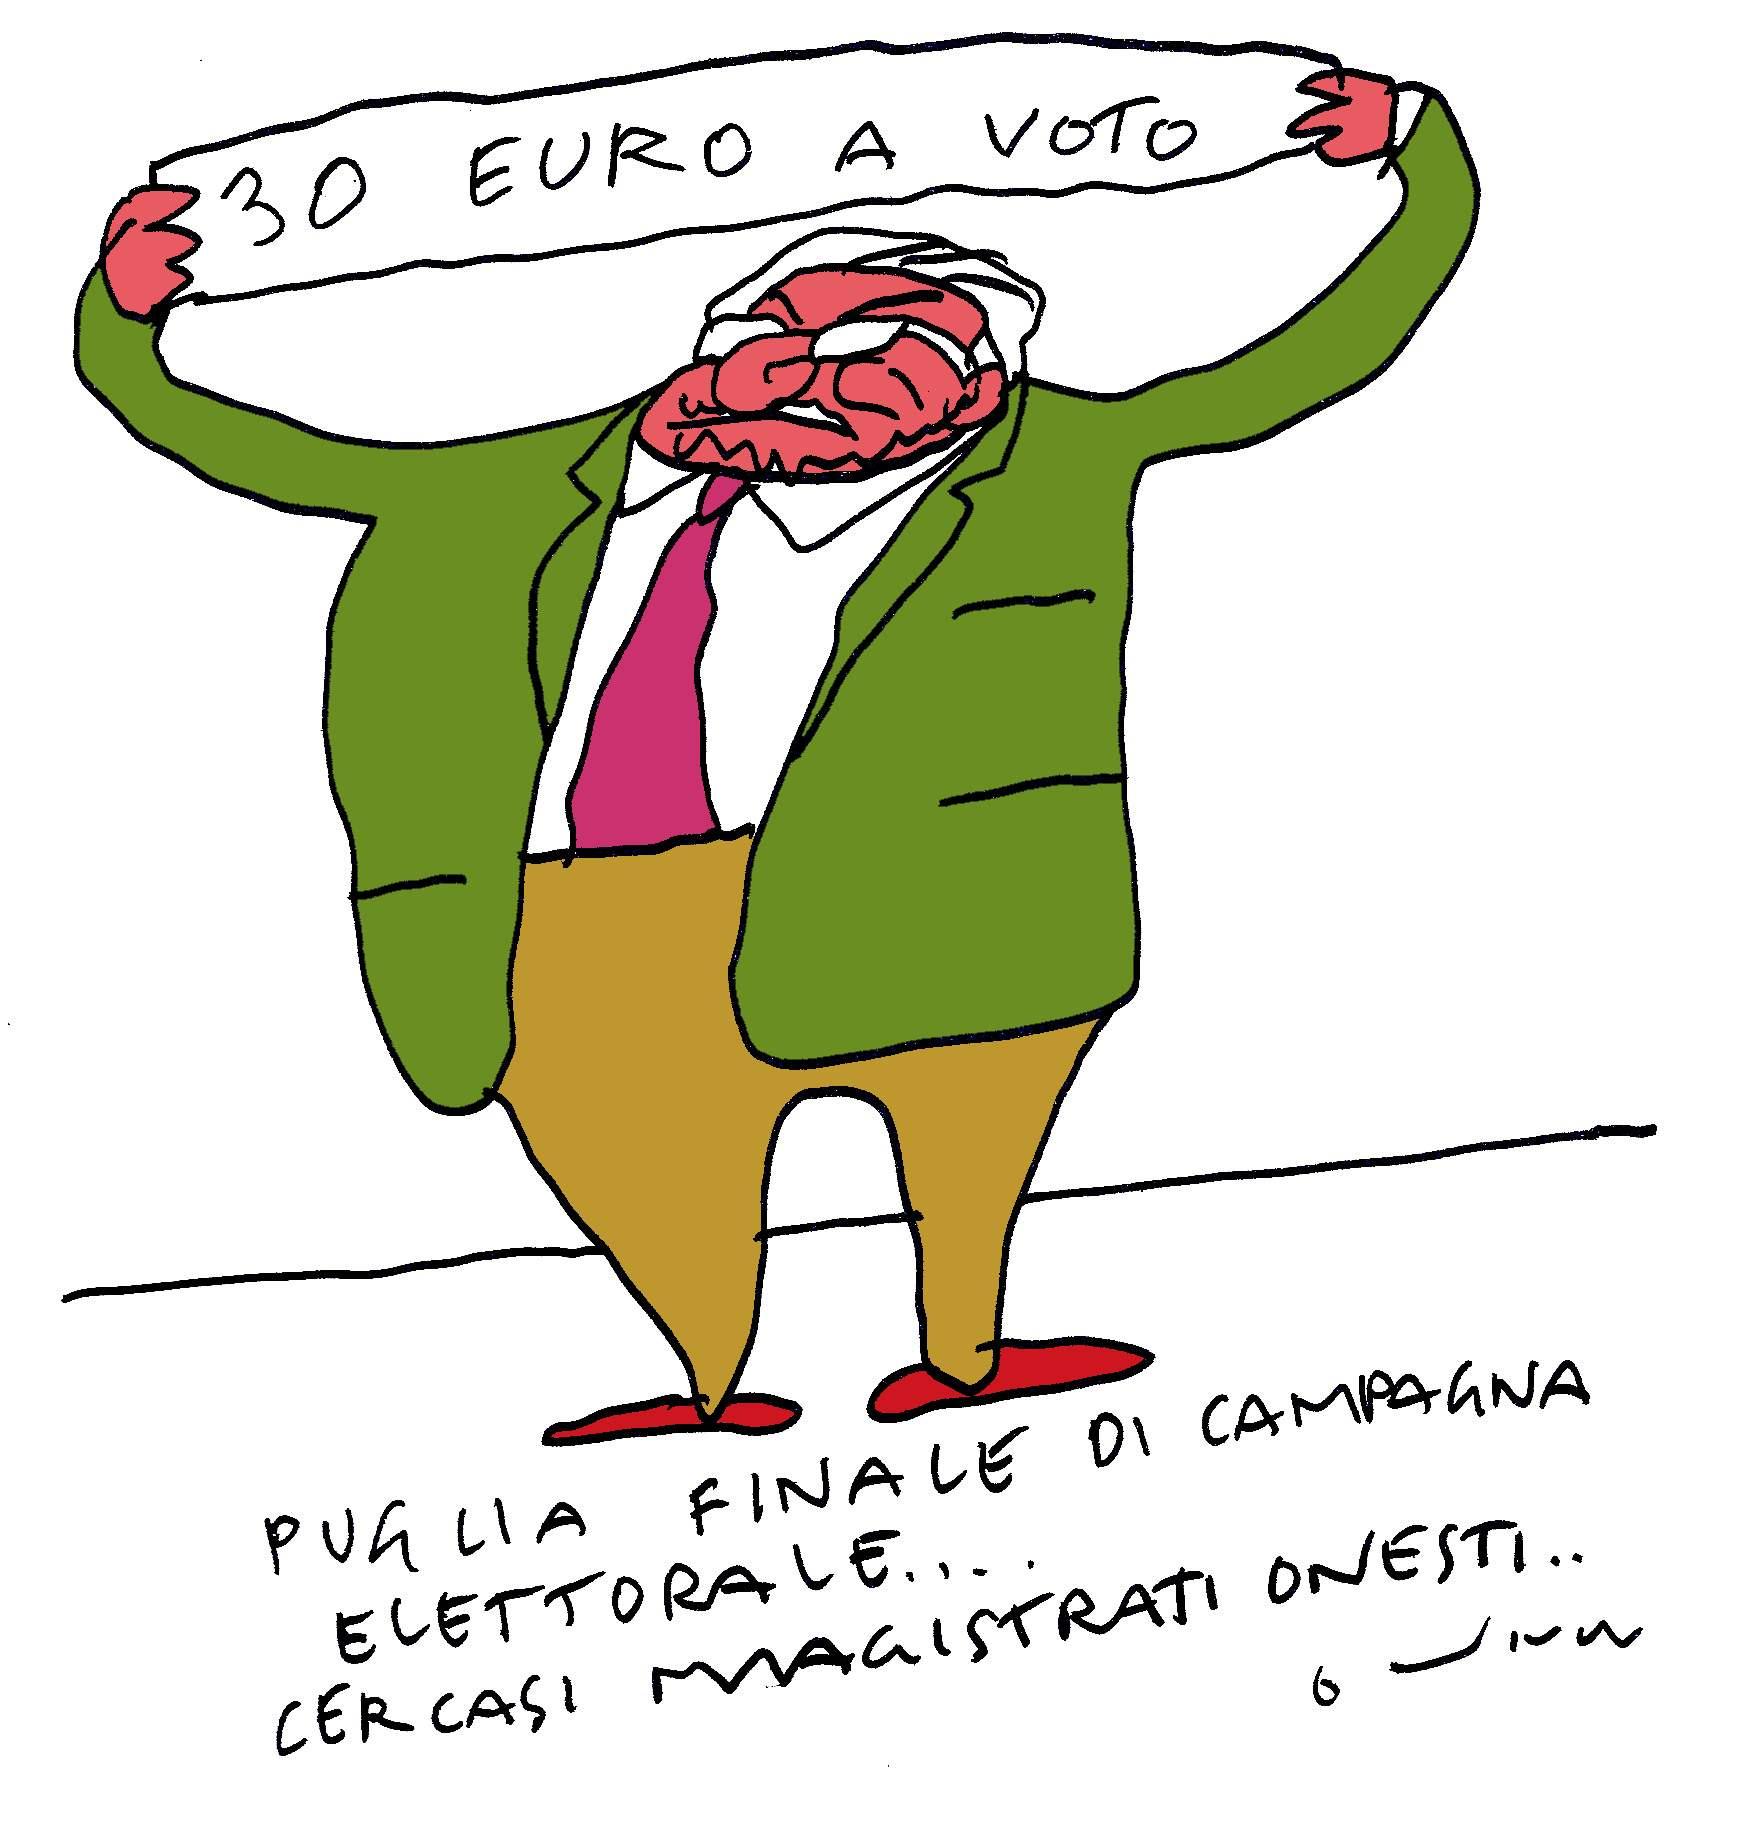 30 euro a votok